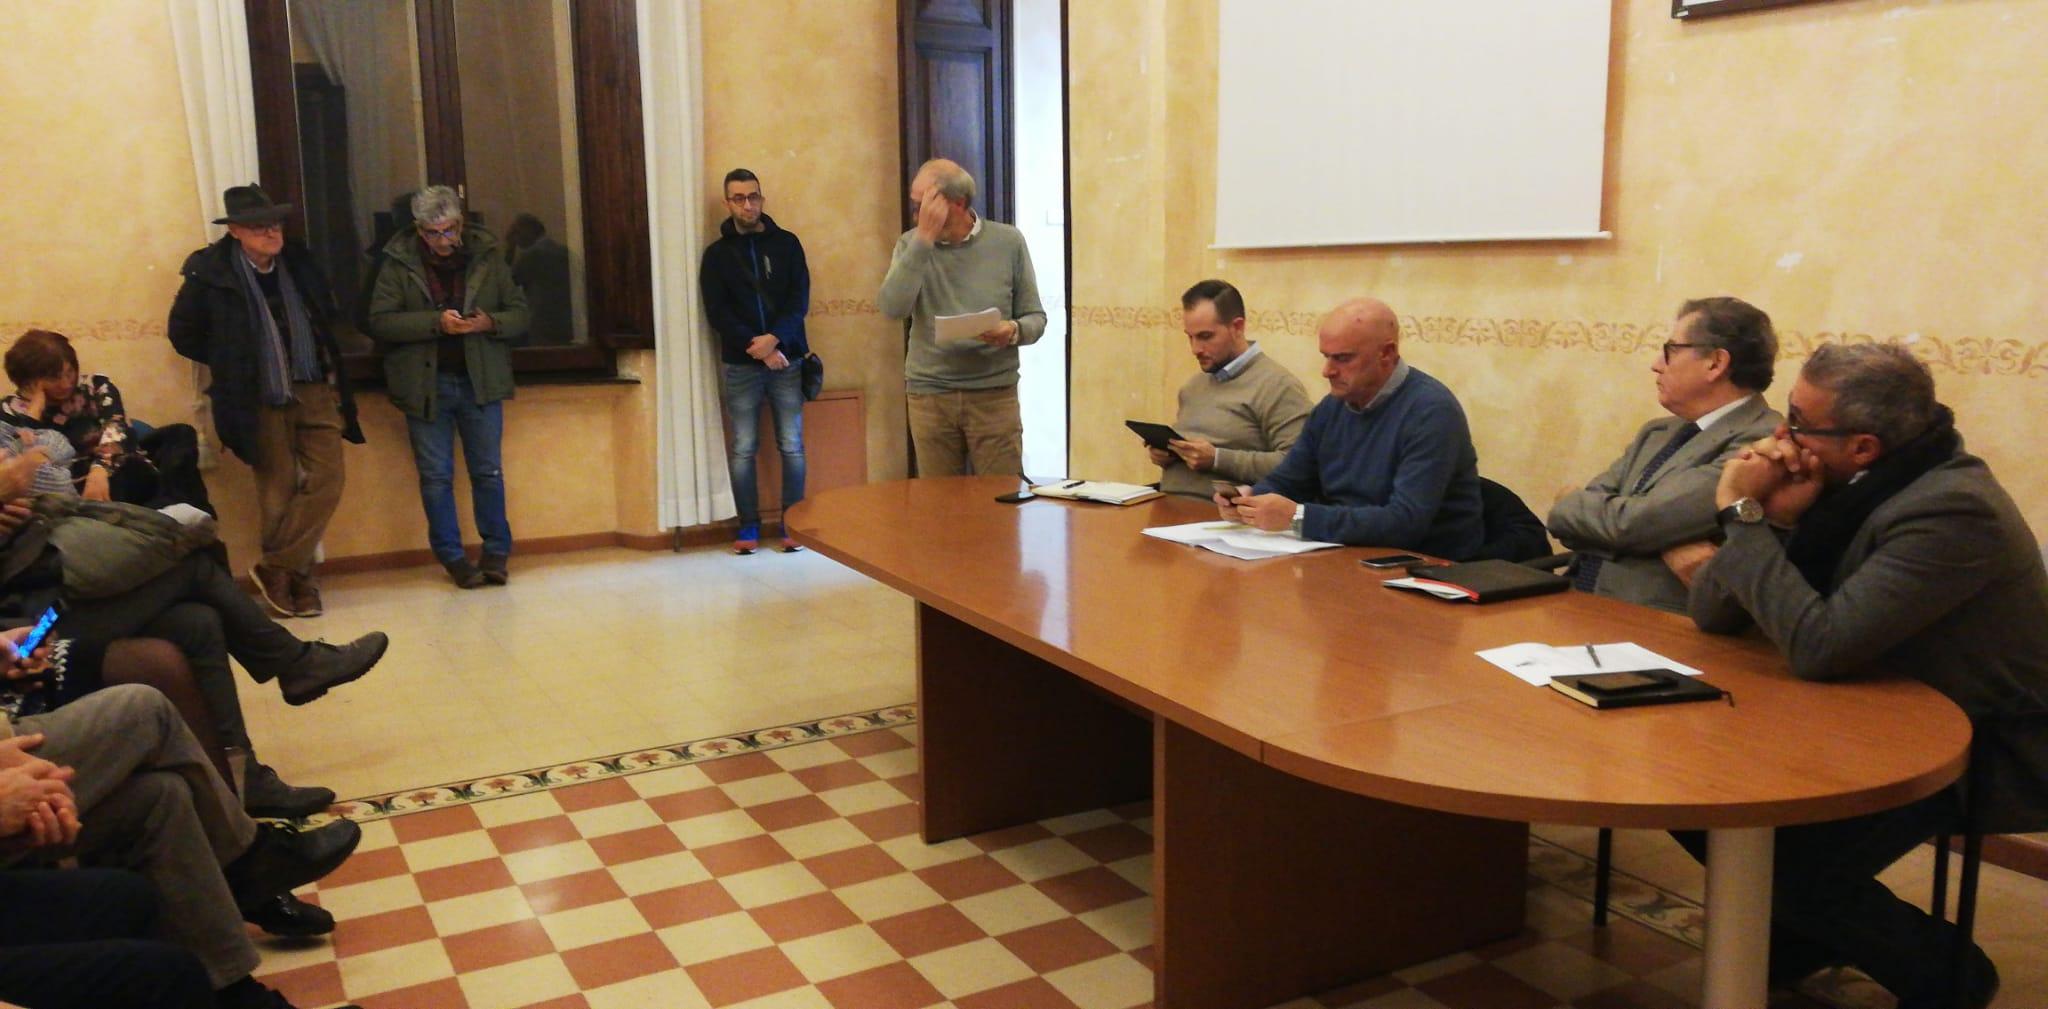 Emergenza sanità nella Marsica, Berardinetti: abbiamo deciso di agire insieme e studiare strategie comuni per il nostro territorio